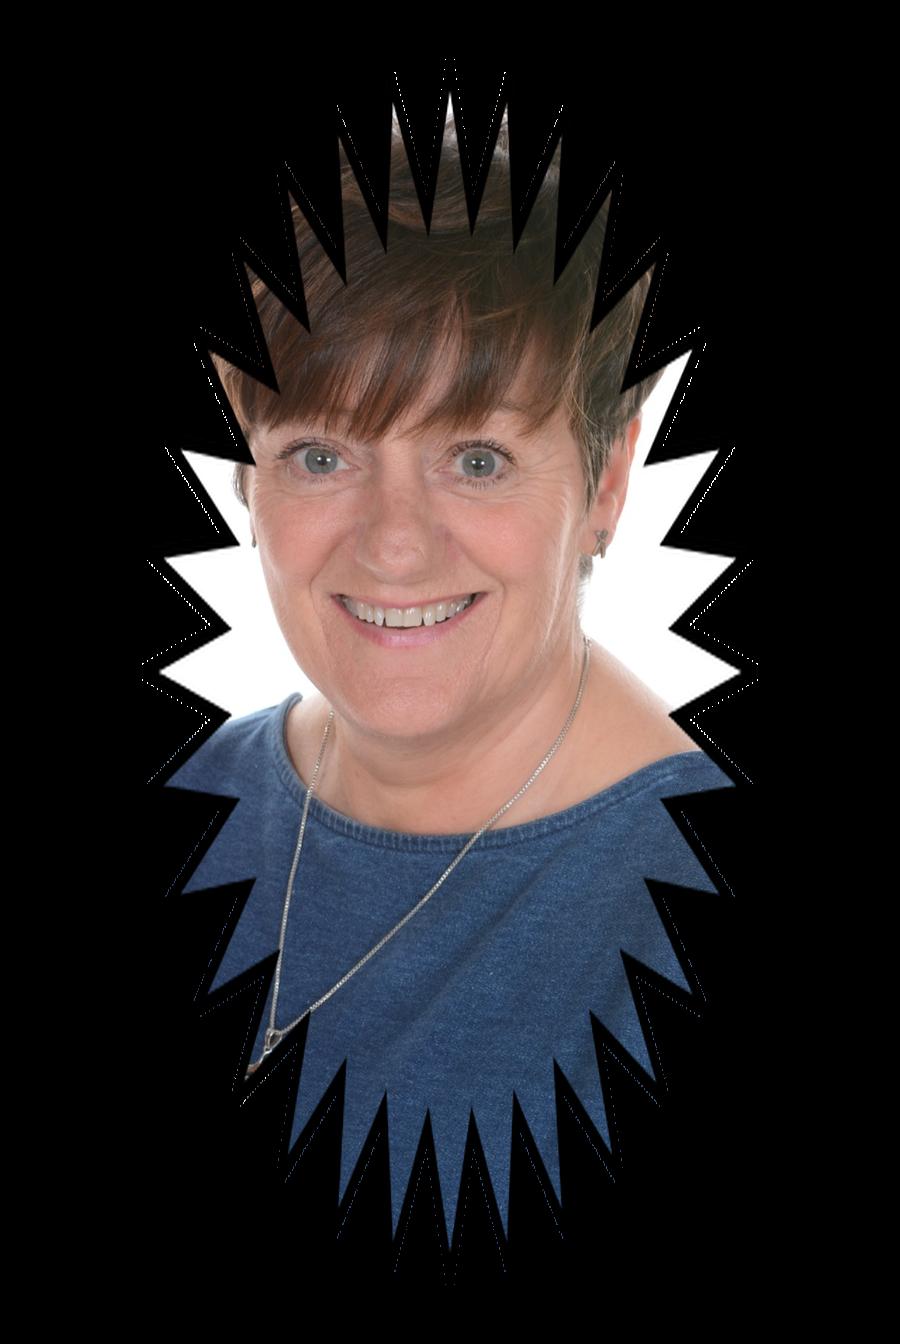 Miss McClenaghan